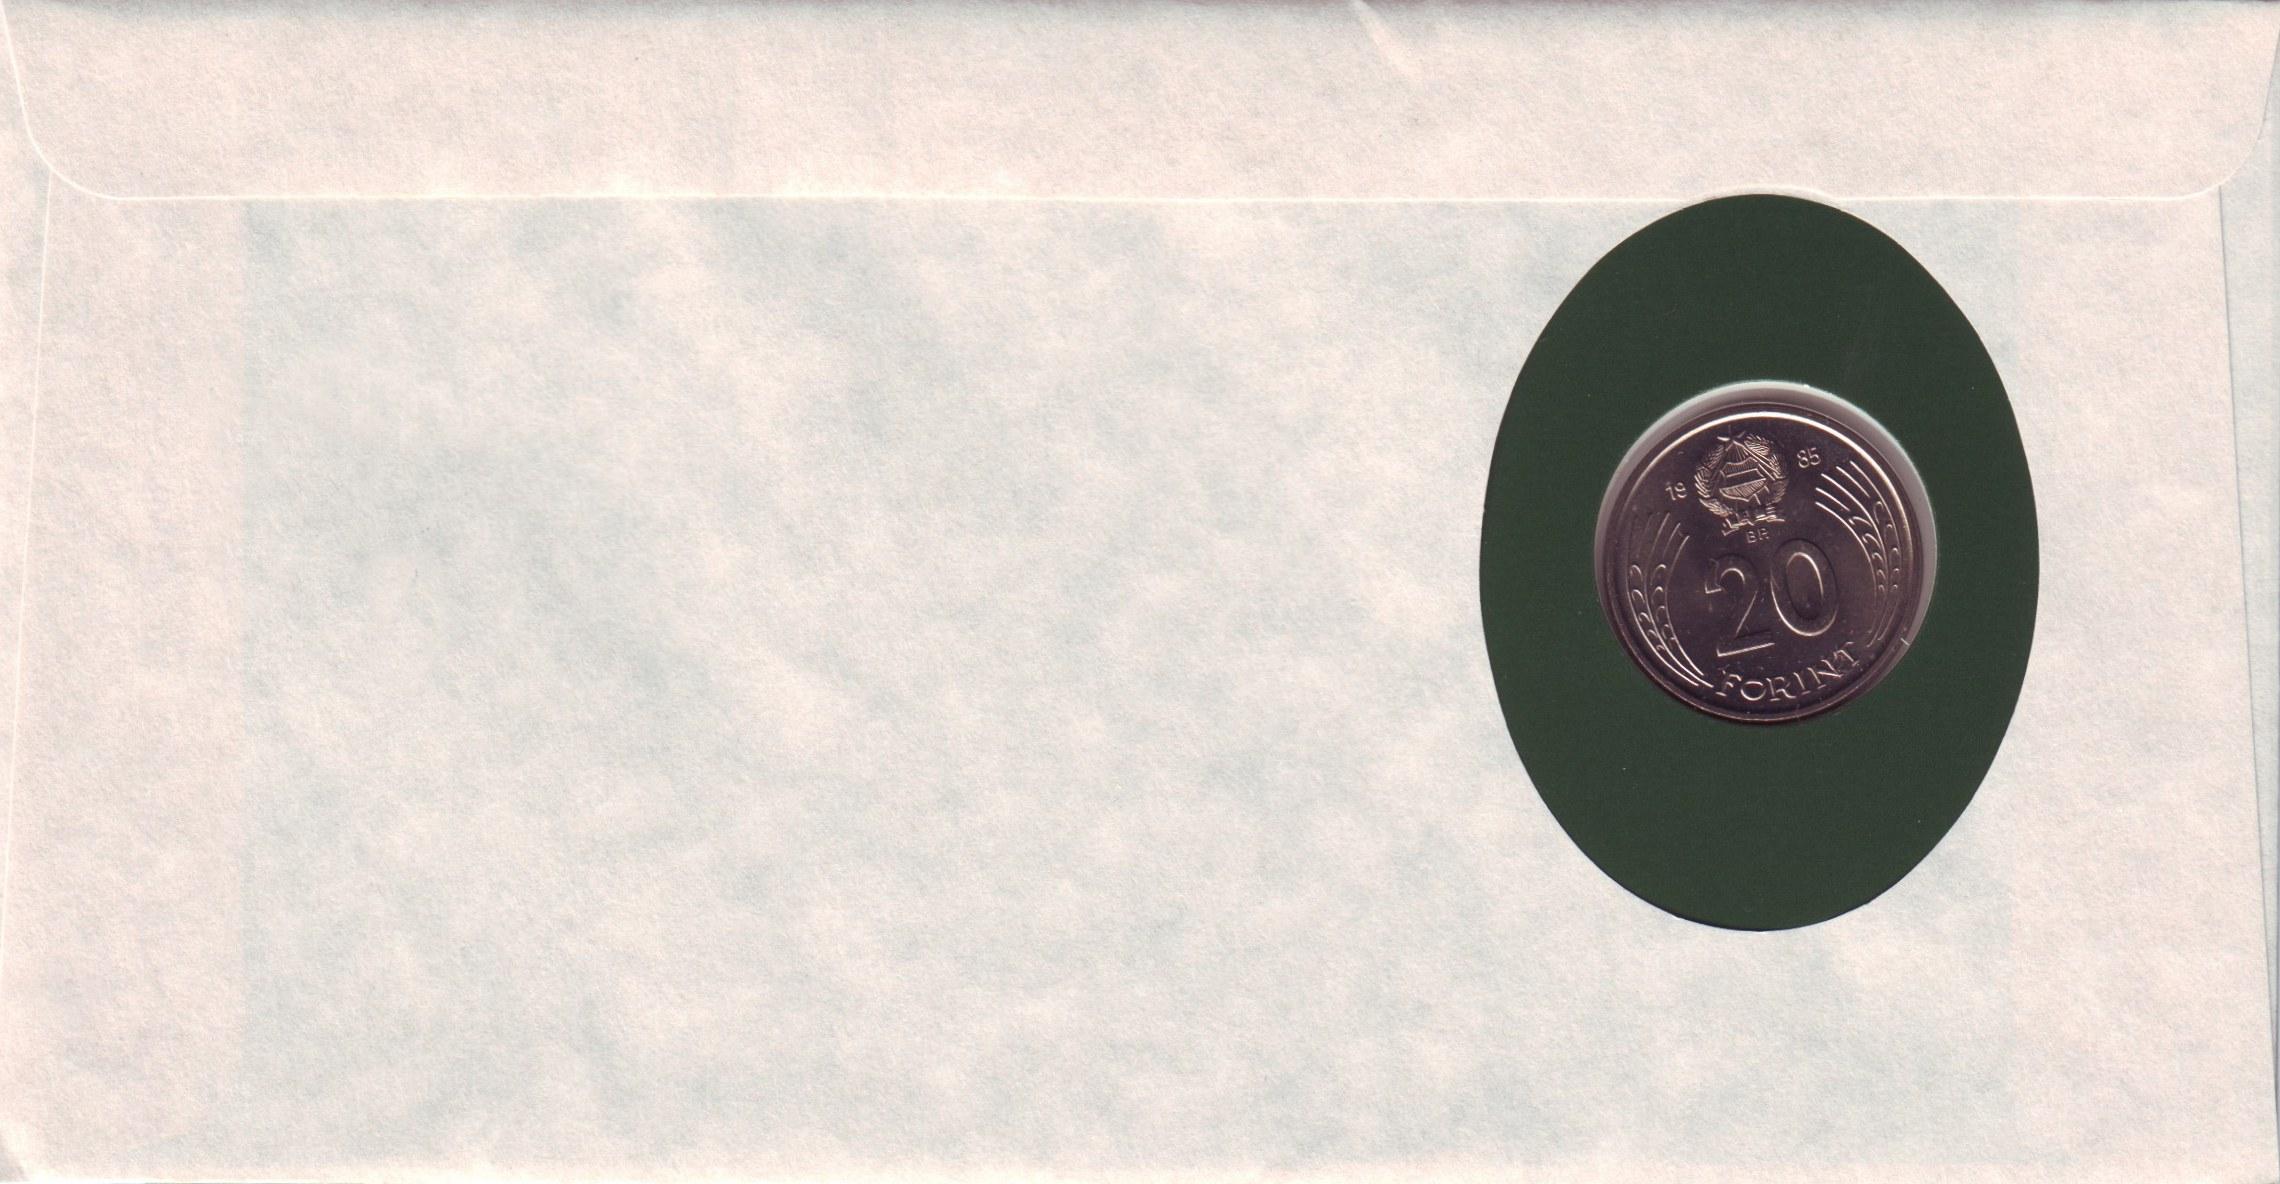 http://www.ermeskepeslap.hu/ermeskepeslapok/the_nations_of_the_world_coin_collection_20ft/www_ermeskepeslap_hu_20ft_the_nations_of_the_world_coin_collection_hatoldal_nagy.jpg